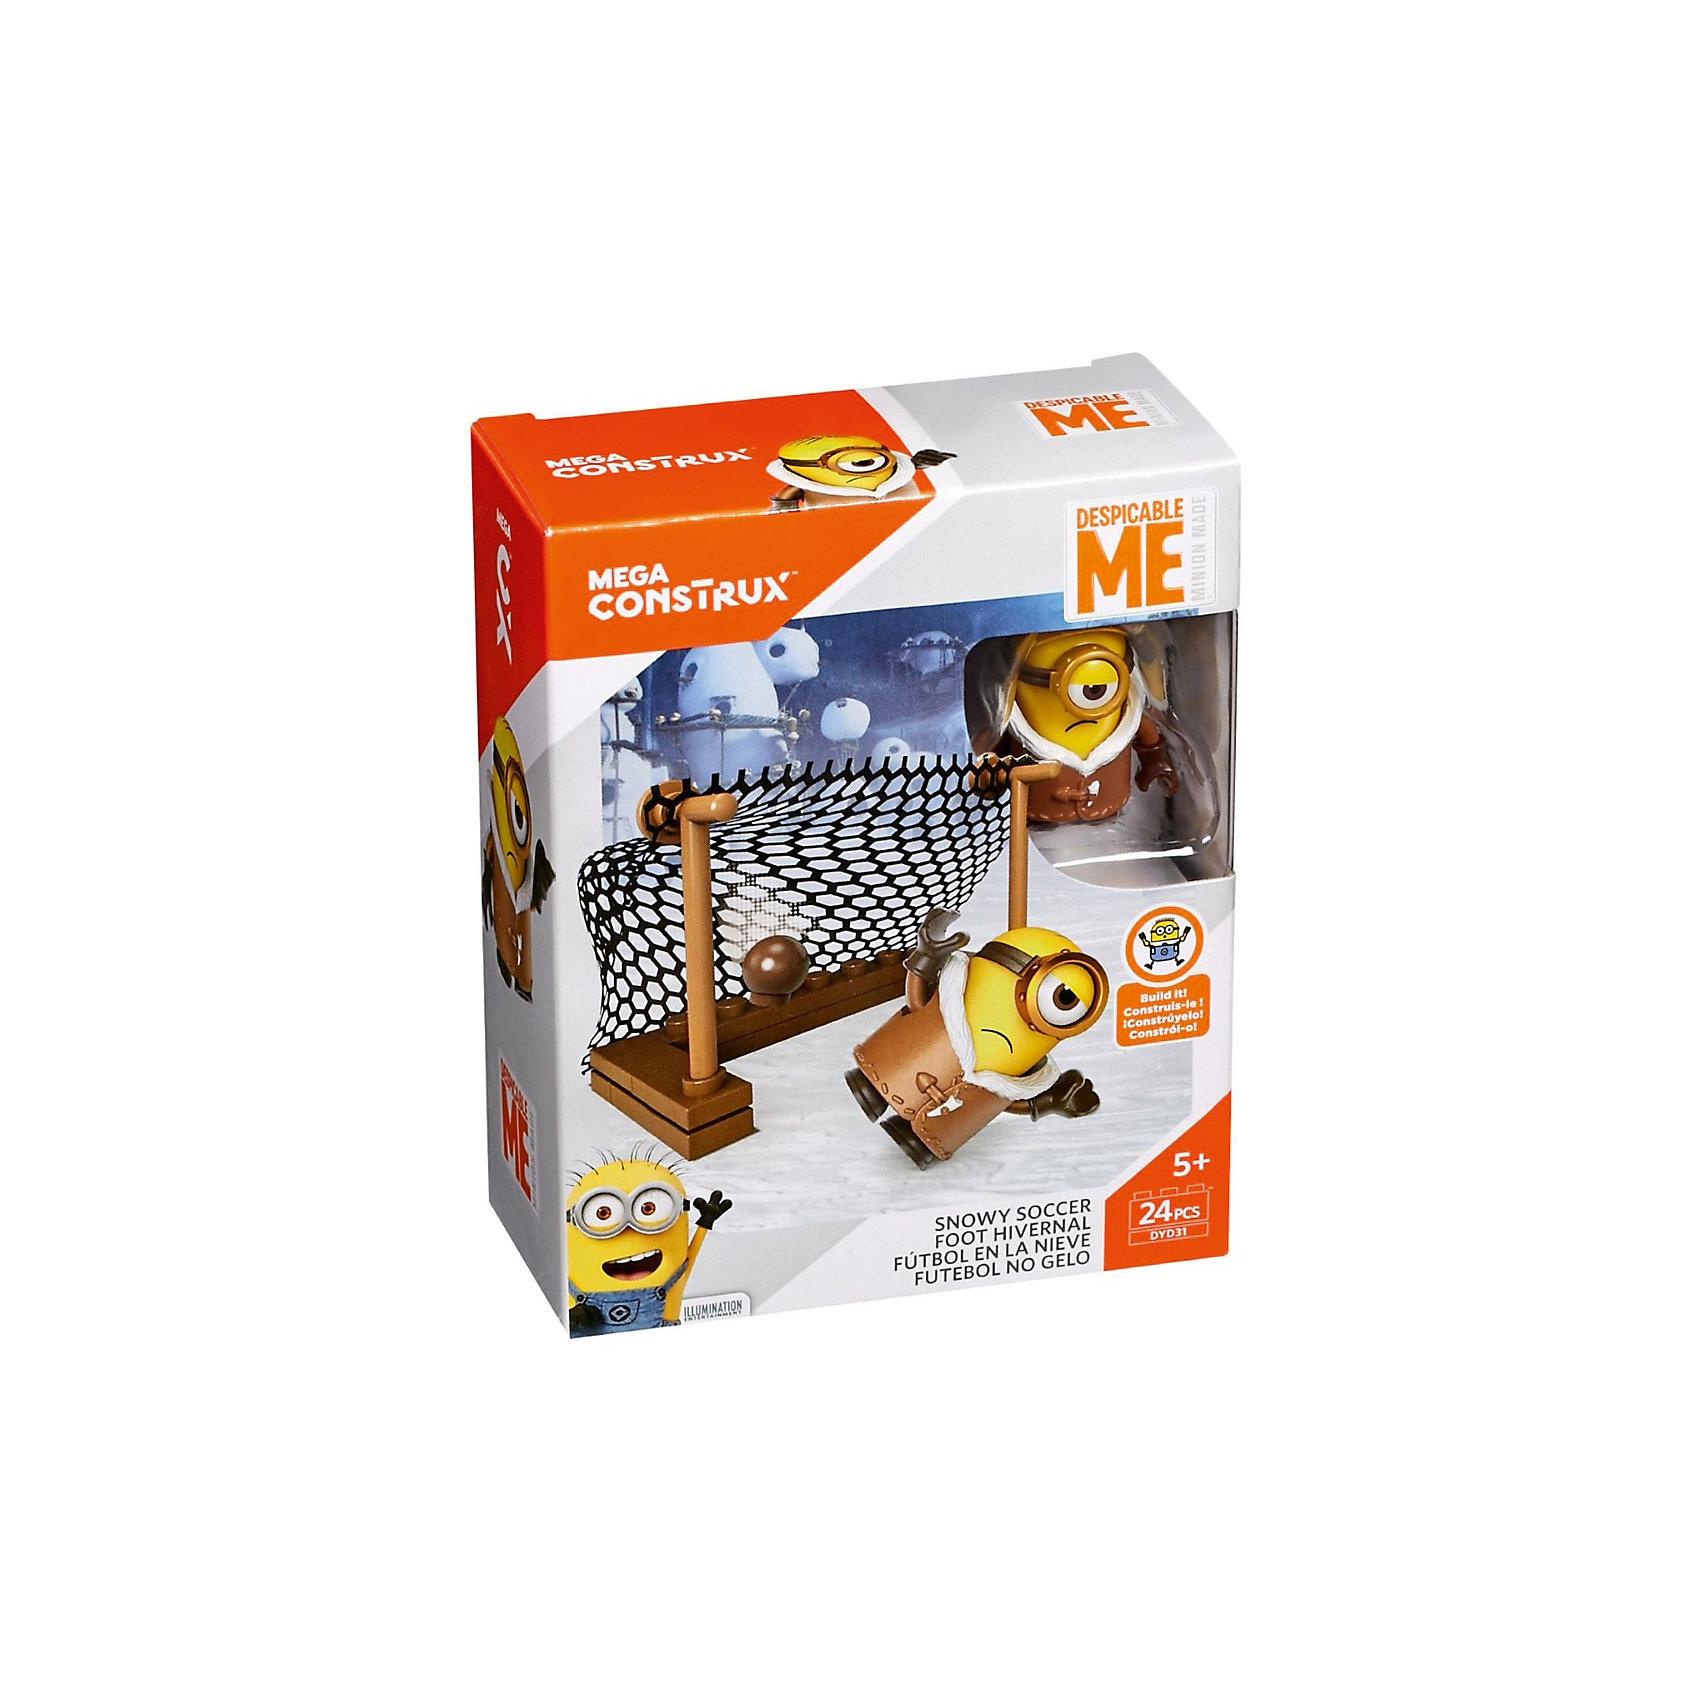 Конструктор Mattel Mega Construx Миньоны Снежный футбол, 24 деталиПластмассовые конструкторы<br><br><br>Ширина мм: 45<br>Глубина мм: 100<br>Высота мм: 120<br>Вес г: 59<br>Возраст от месяцев: 60<br>Возраст до месяцев: 108<br>Пол: Унисекс<br>Возраст: Детский<br>SKU: 7140492